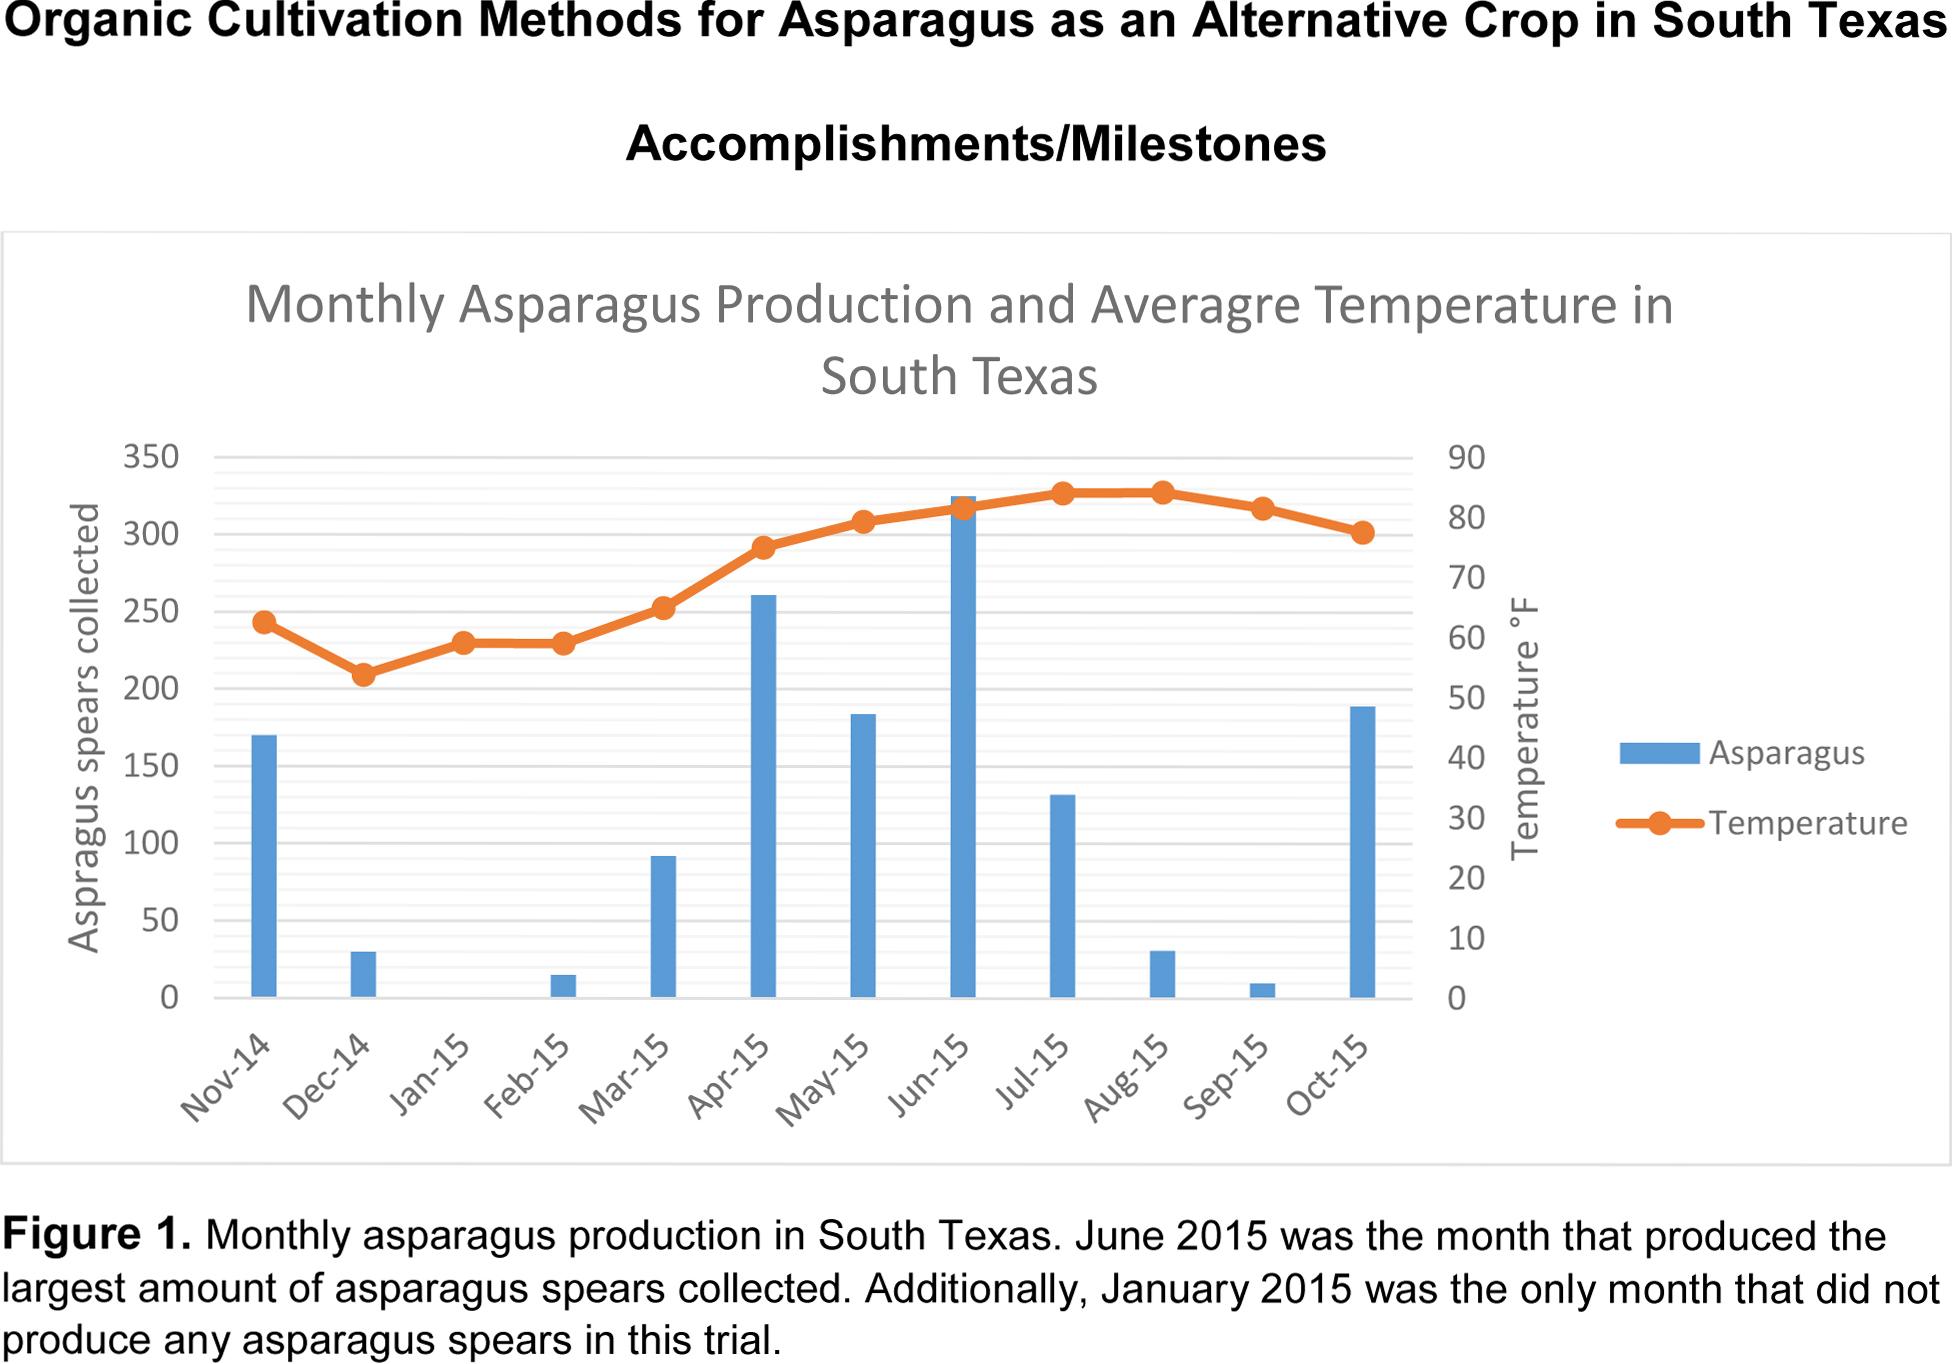 Figure 1 SARE annual report 2016 Asparagus